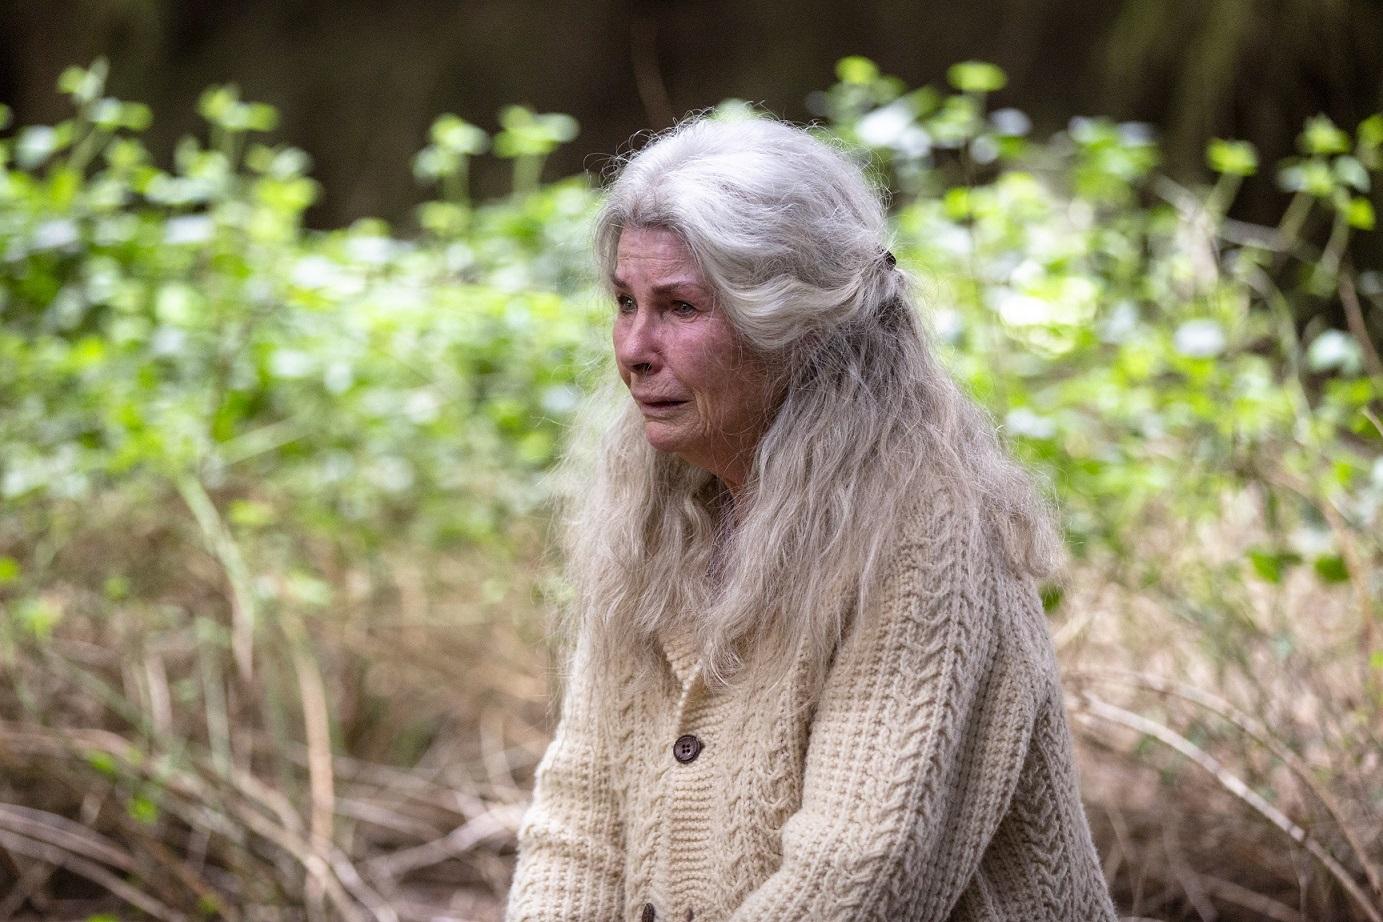 導演也在電影中呈現出失智症患者在不同階段的幾個行為,例如:認知能力喪失、妄想、大小便失禁乃至易怒、暴力